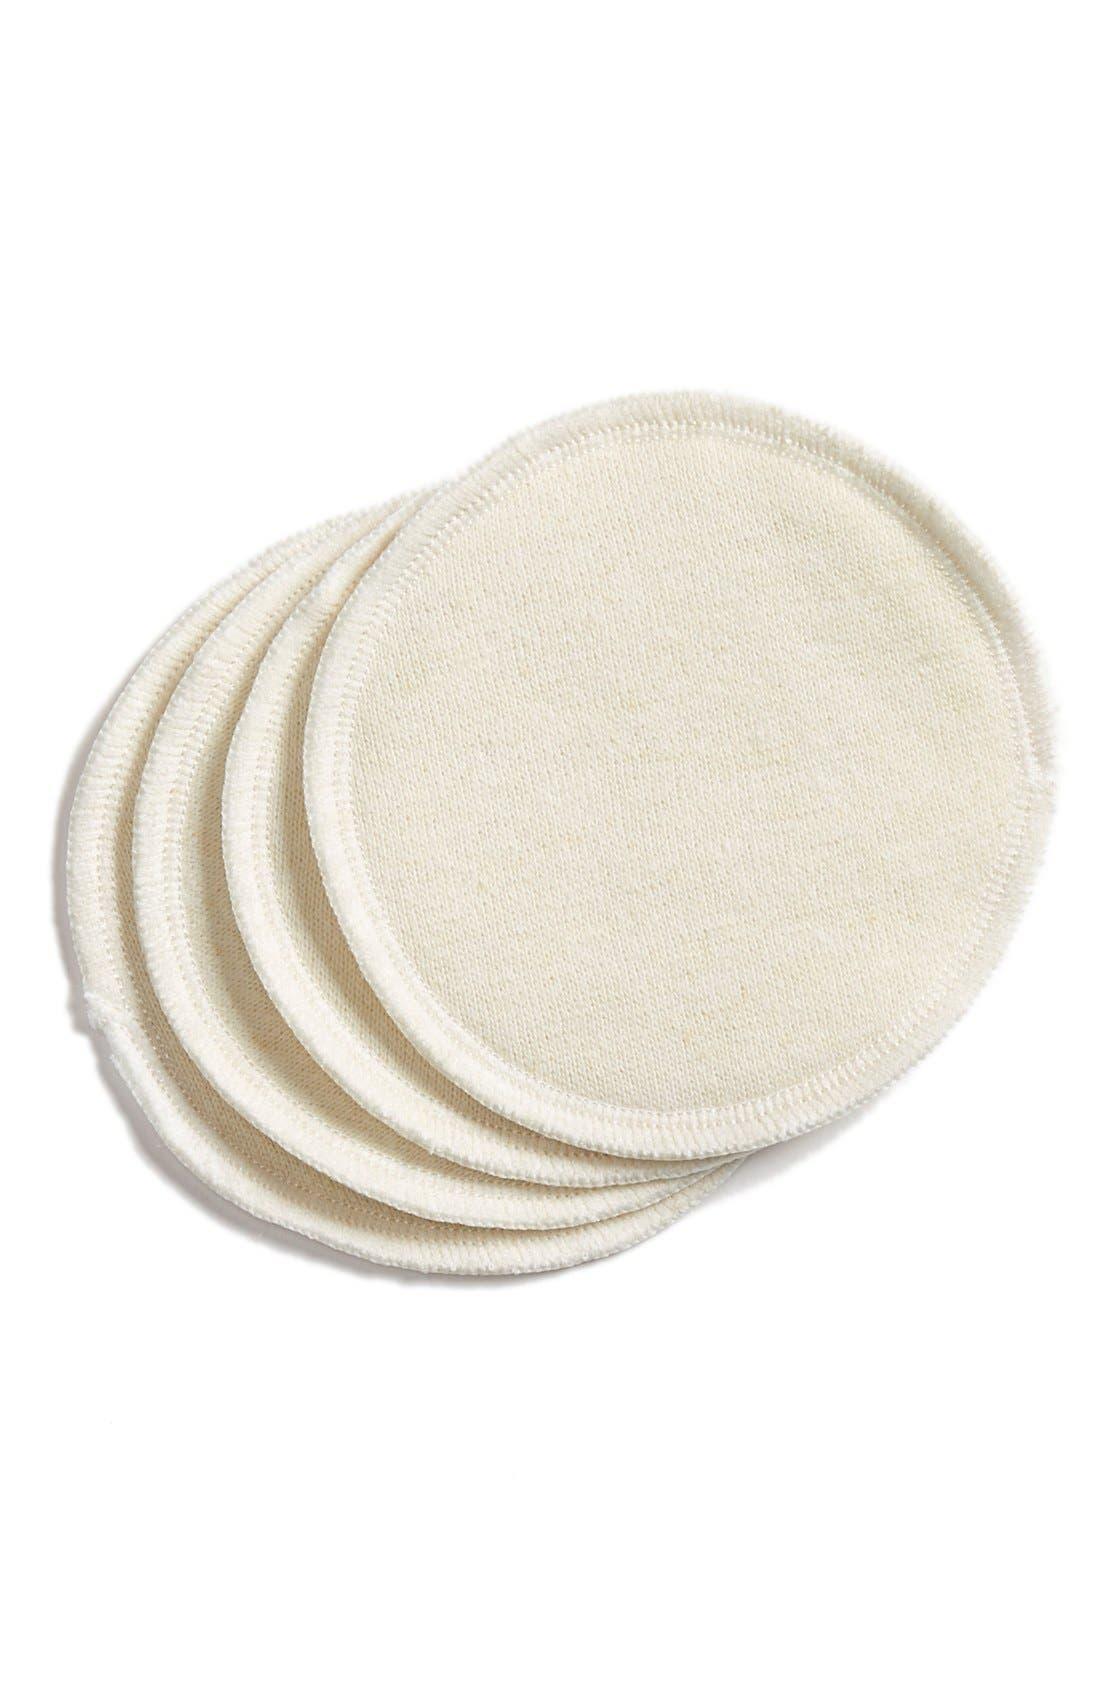 Alternate Image 2  - Cake 'Cupcake' Organic Hemp & Cotton Nursing Pad Liner Inserts (4-Pack)